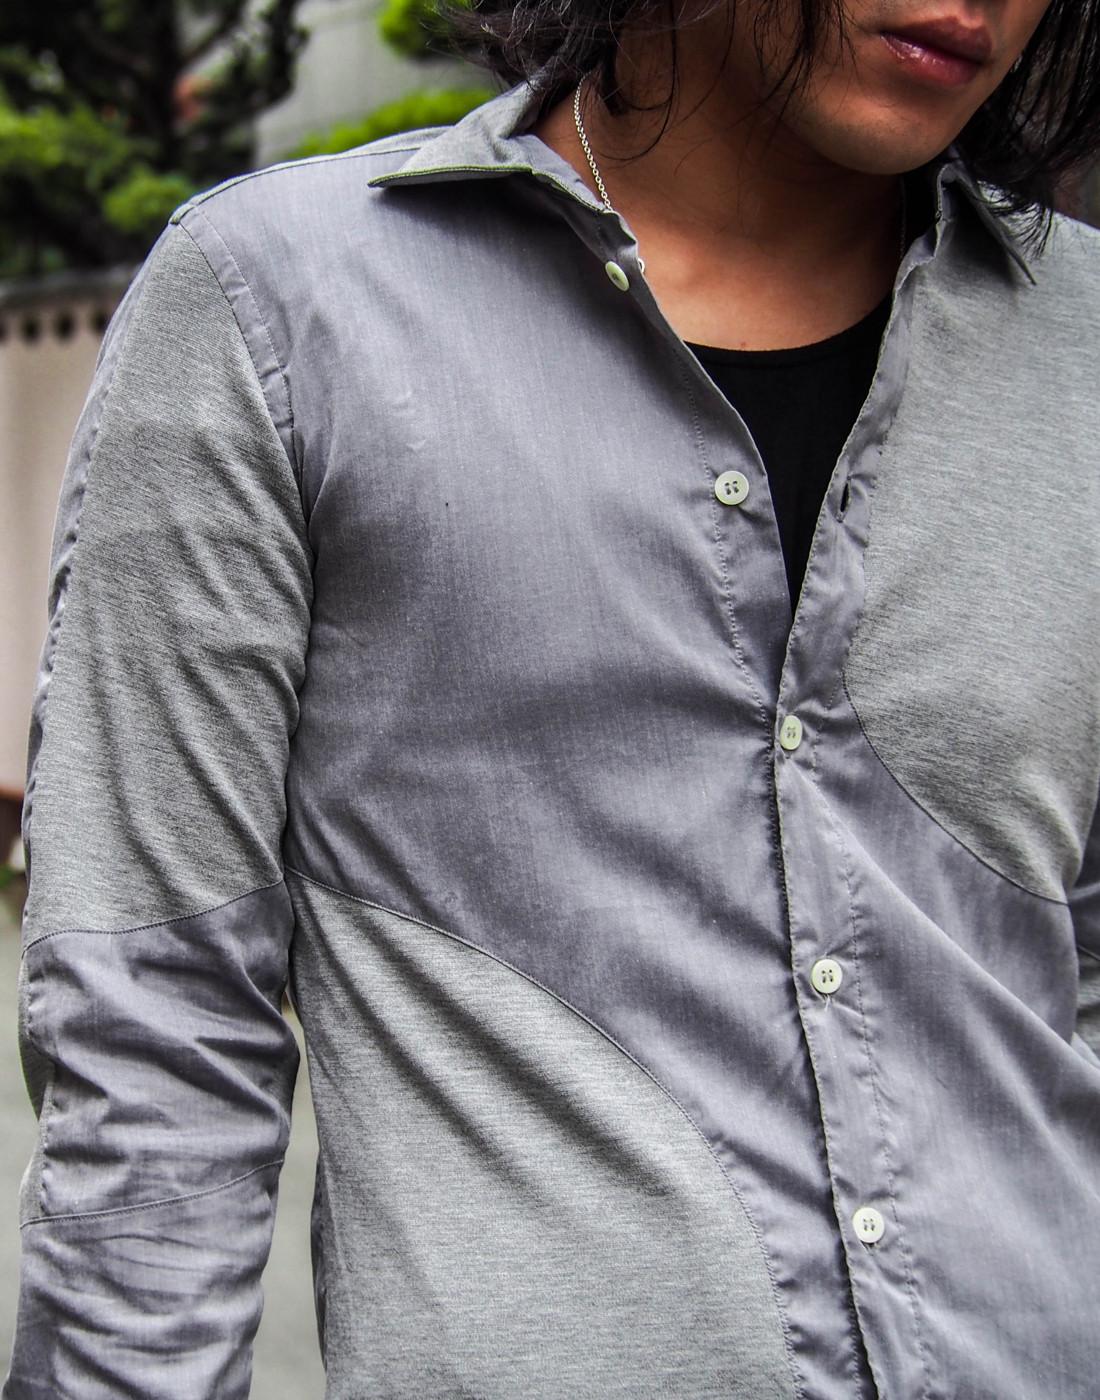 ストレッチグレーシャツとバイカーパンツ3.jpg